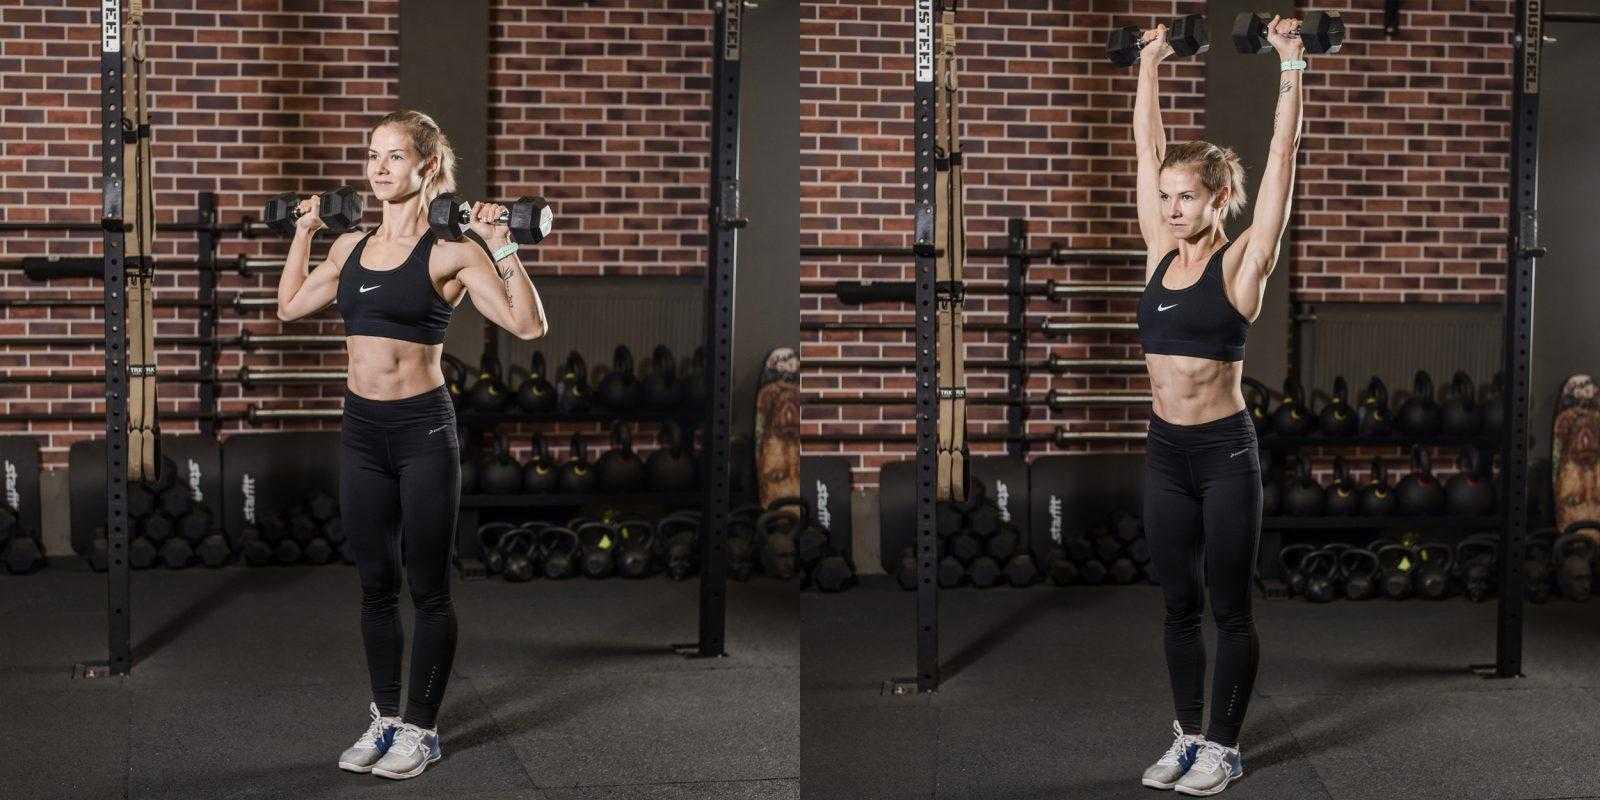 Топ лучших упражнений на плечи с гантелями для женщин